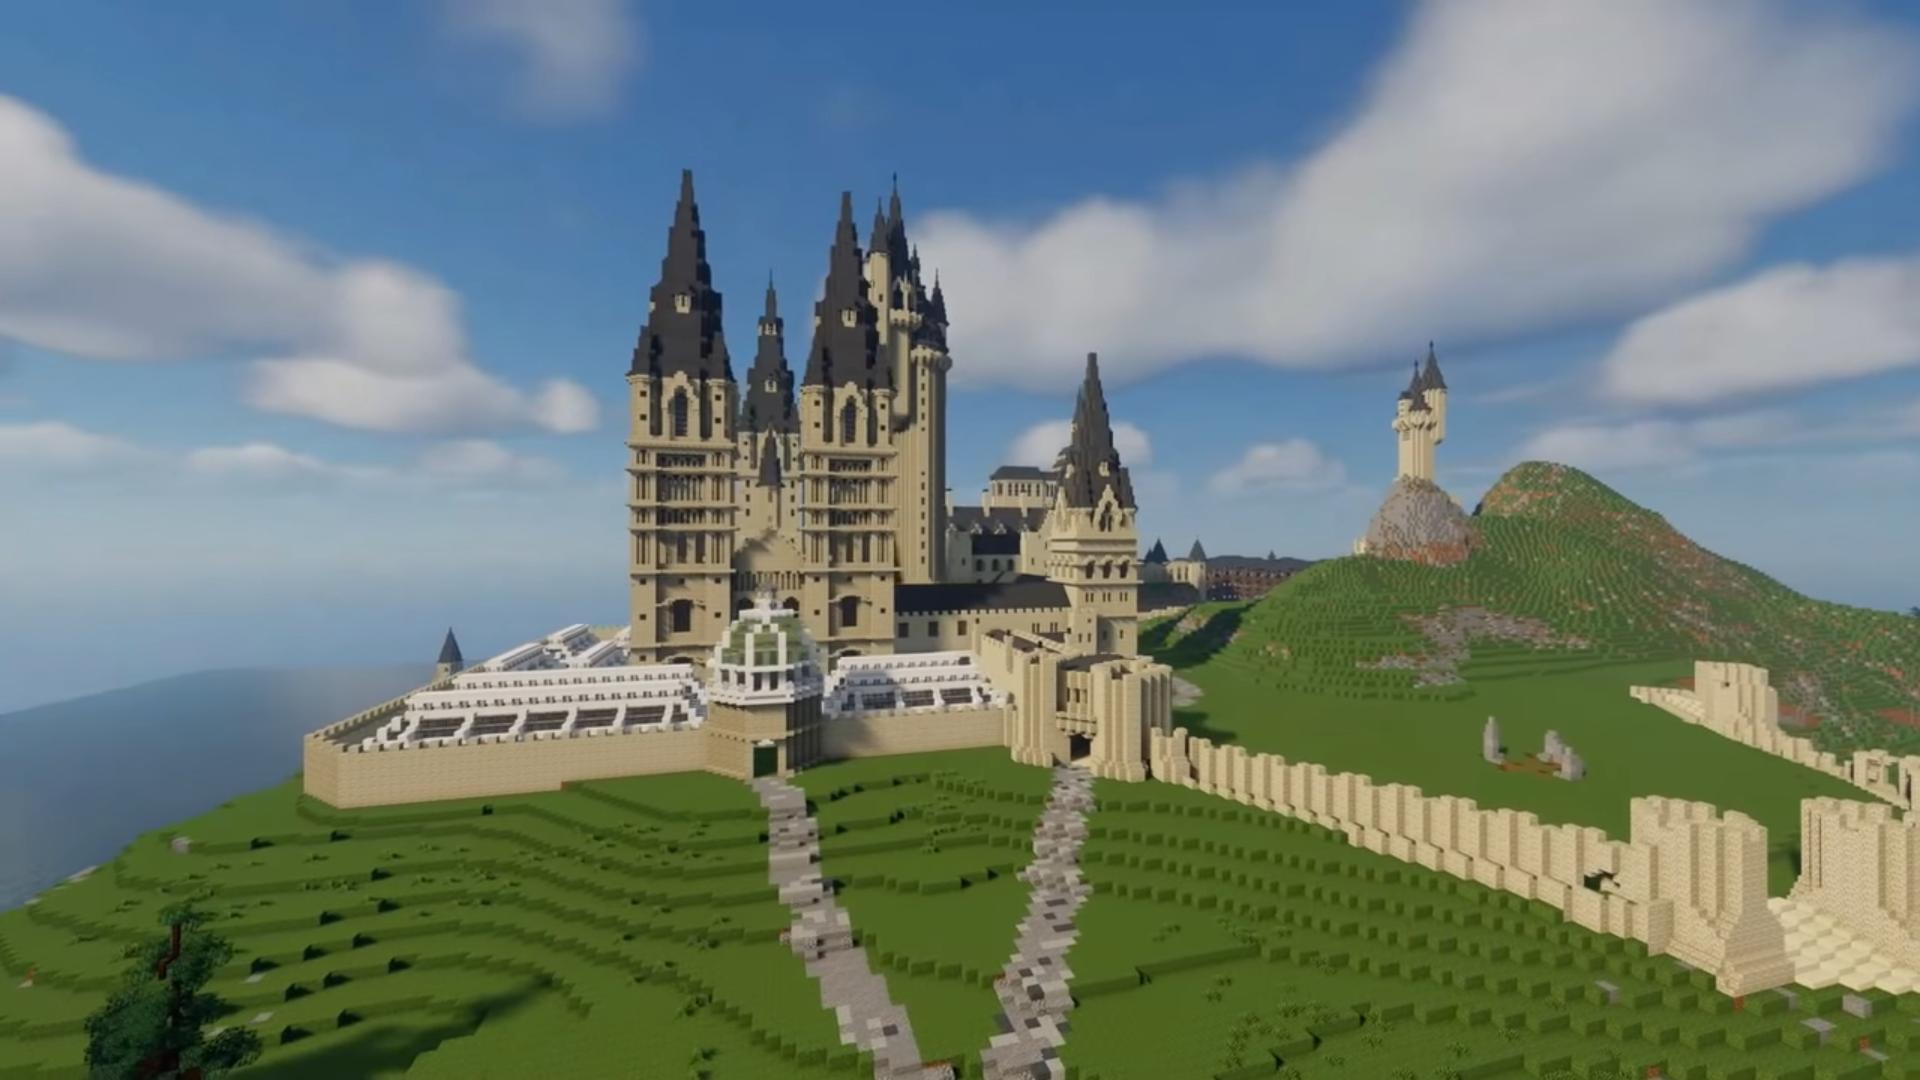 Видео: энтузиаст воссоздаёт в Minecraft точную копию Хогвартса из «Гарри Поттера»